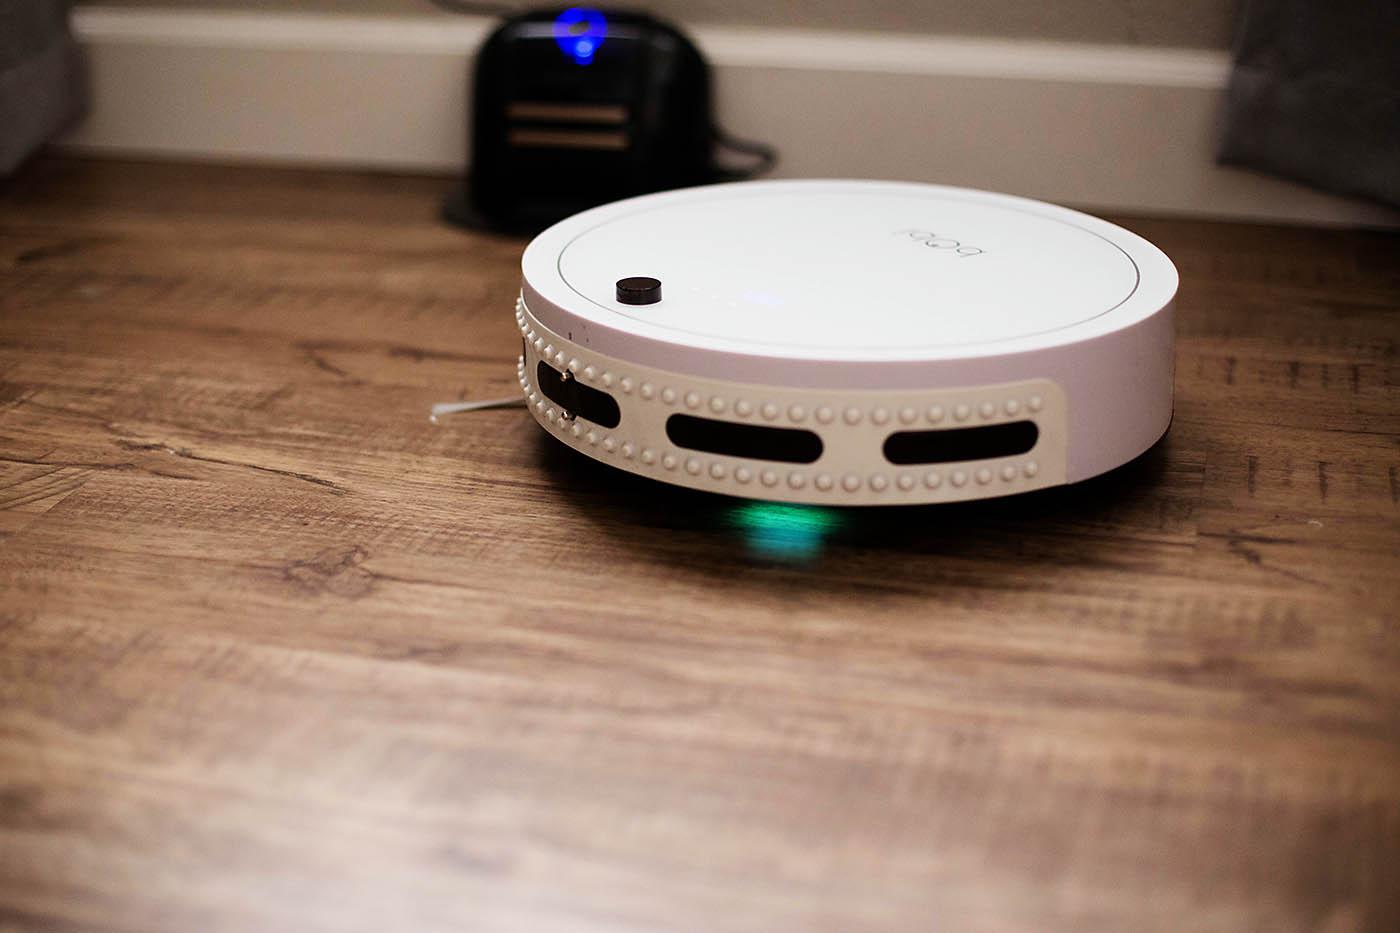 bObi Classic - a bObSweep robotic vacuum review